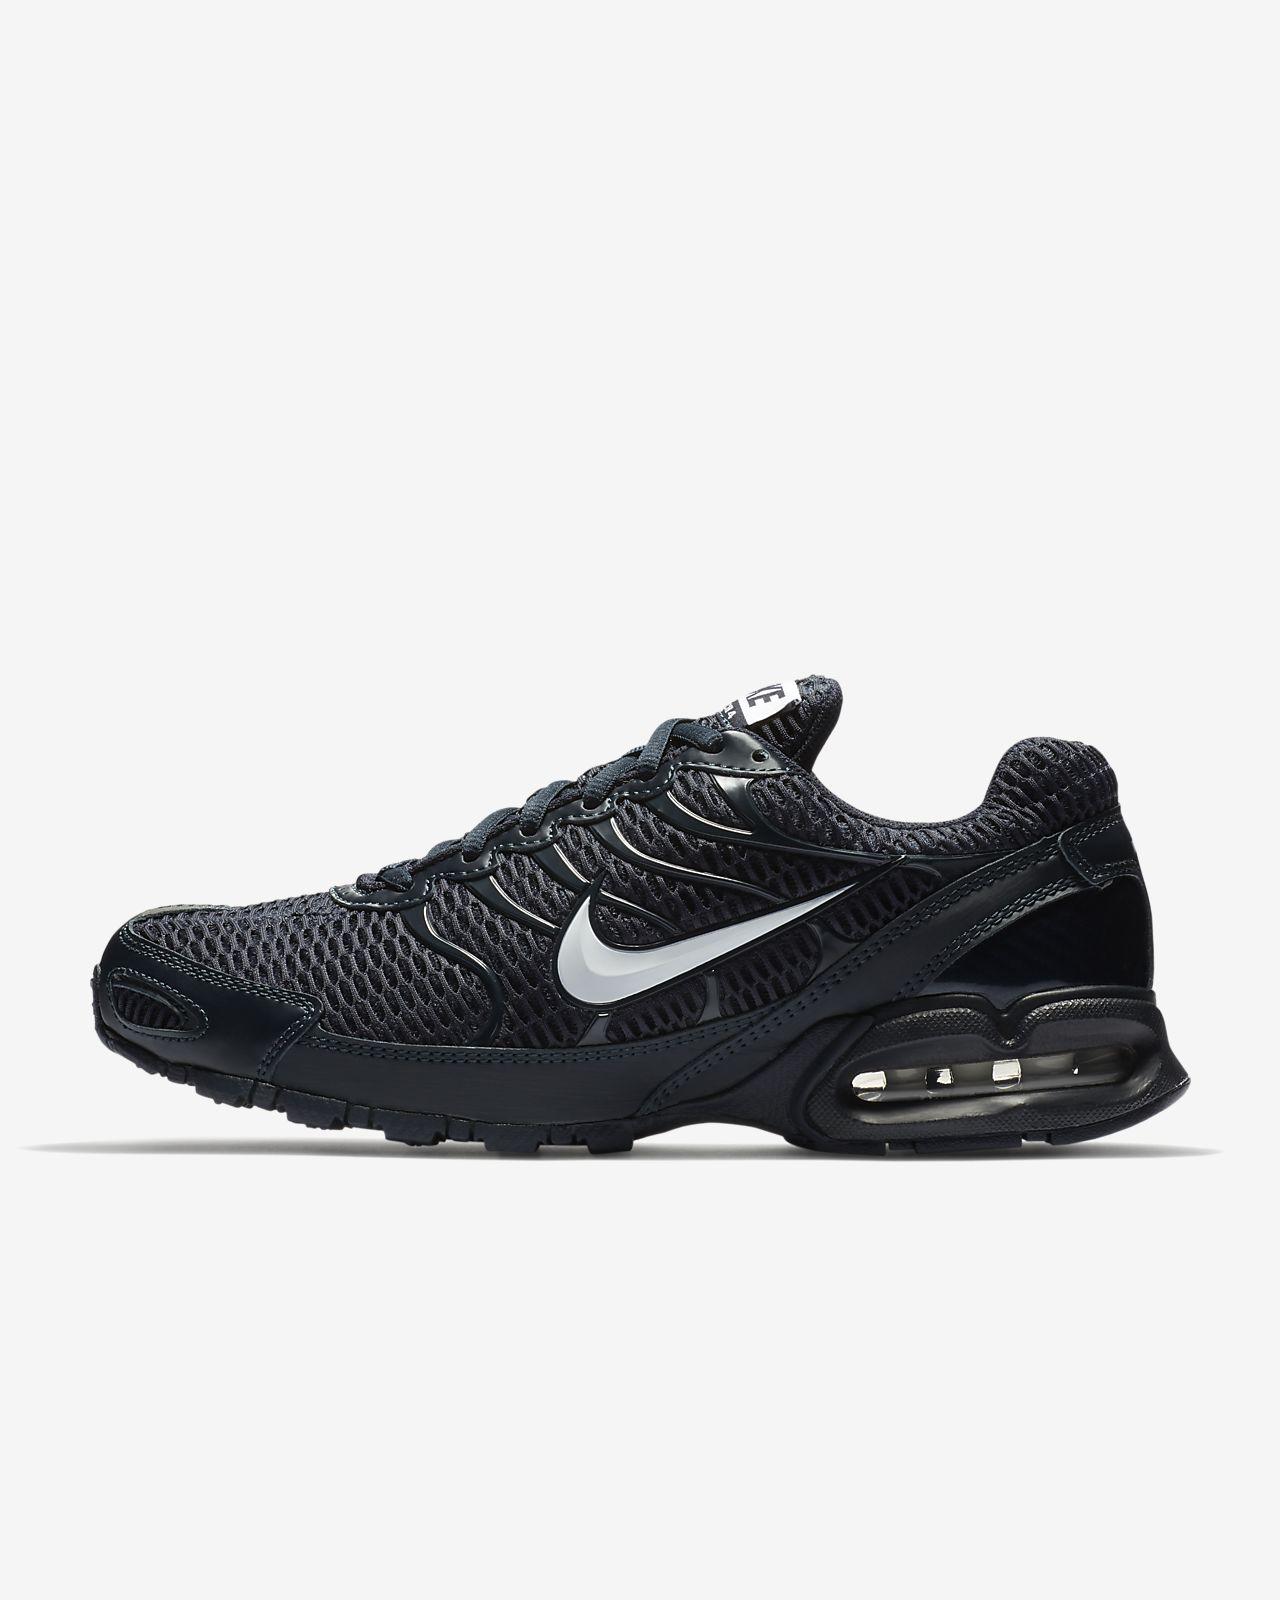 Nike Air Max 2017 Herren Running schwarz weiß grau #maZLt